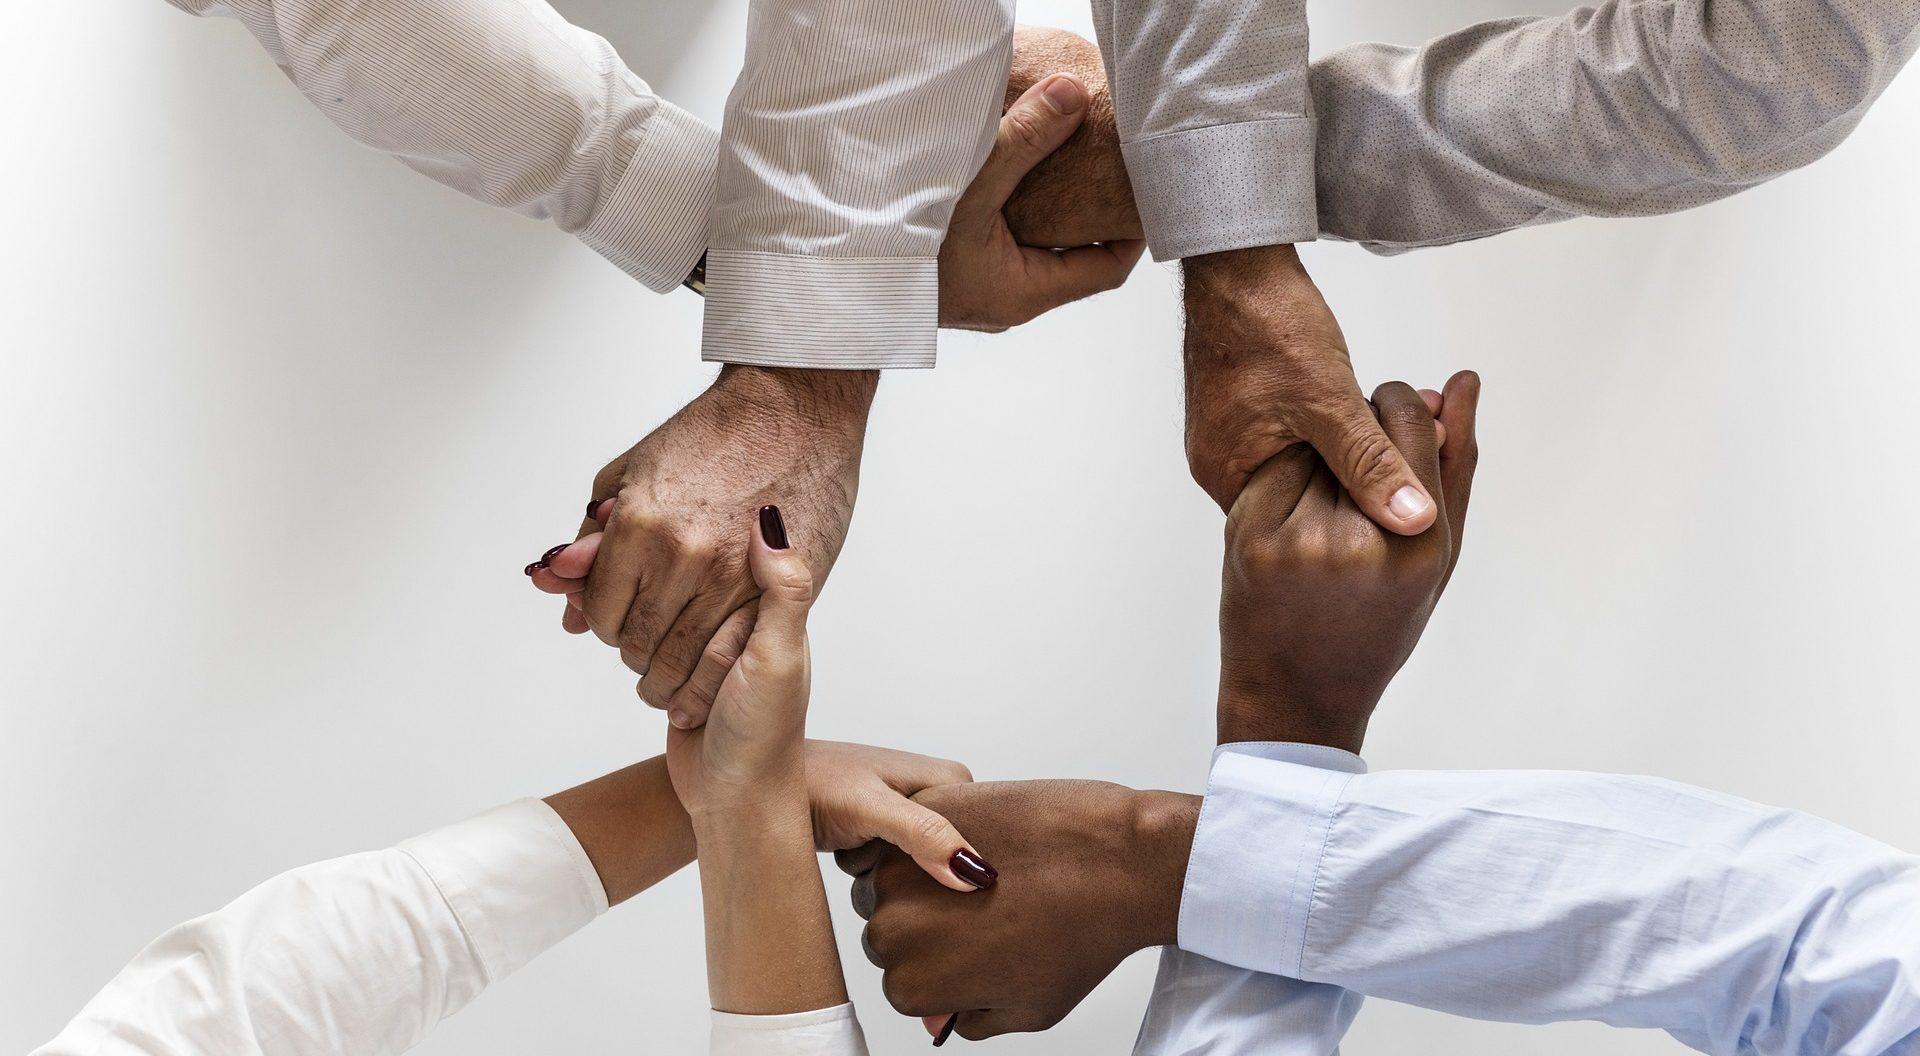 Teambuilding: Viele Maßnahmen können helfen, die Zusammenarbeit bei bestehenden Teams zu verbessern